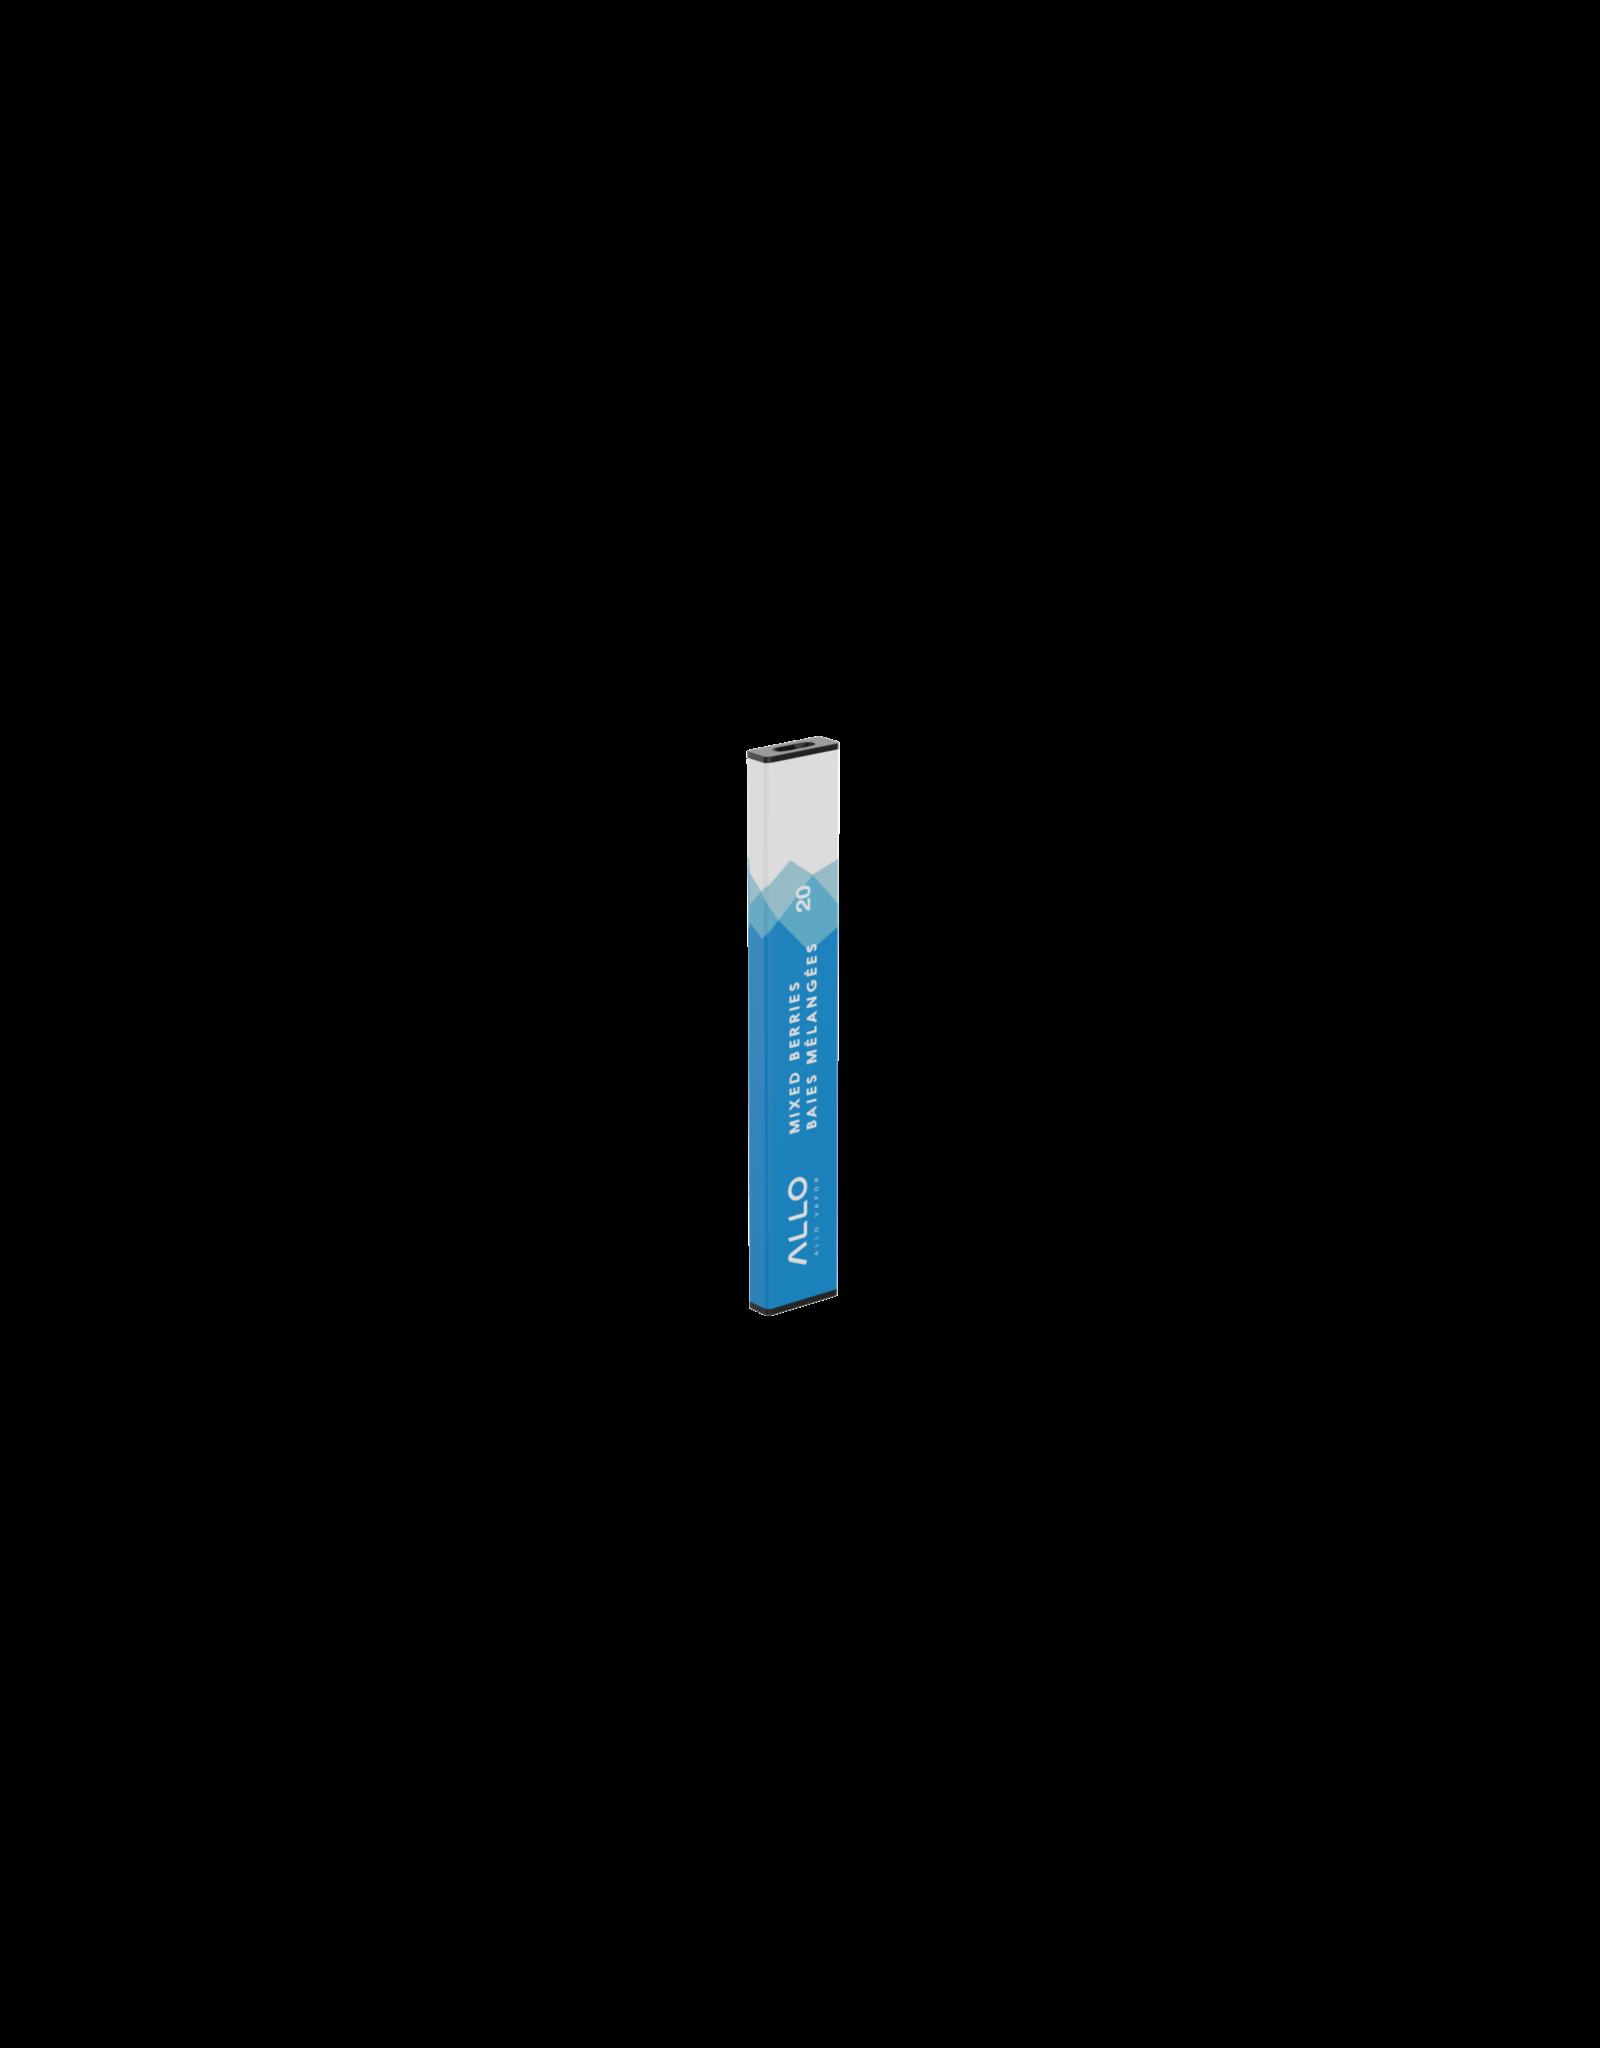 Allo Allo Disposable Device (Single)